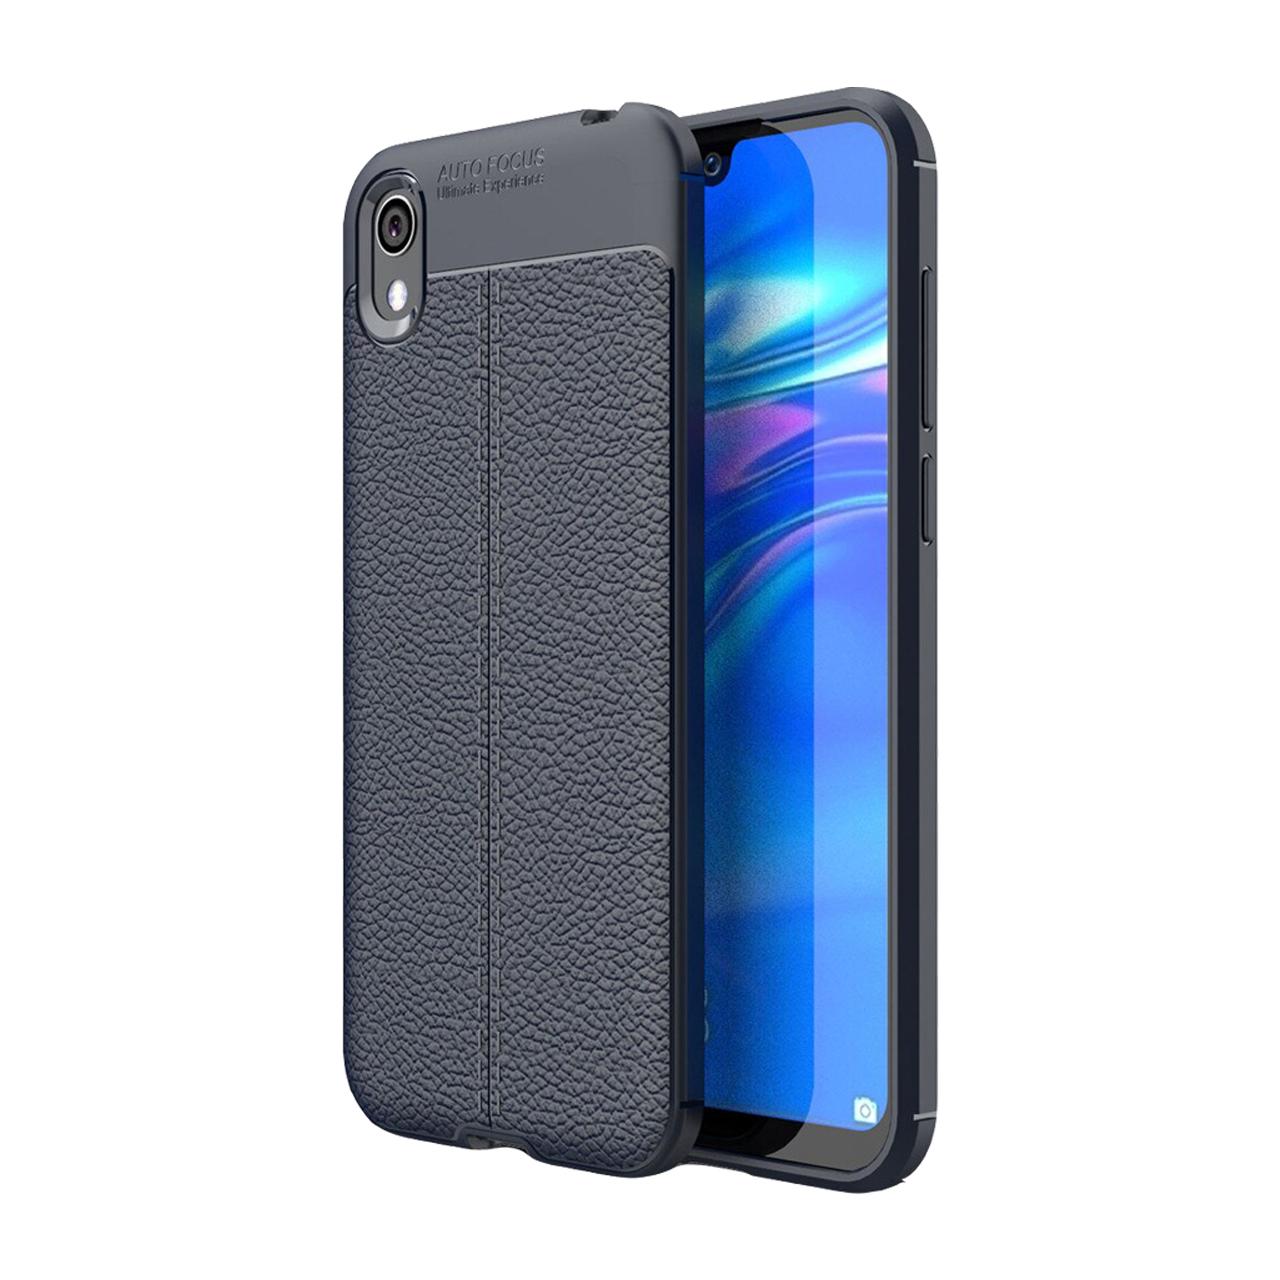 کاور ایبیزا مدل UE2501 مناسب برای گوشی موبایل آنر 8s